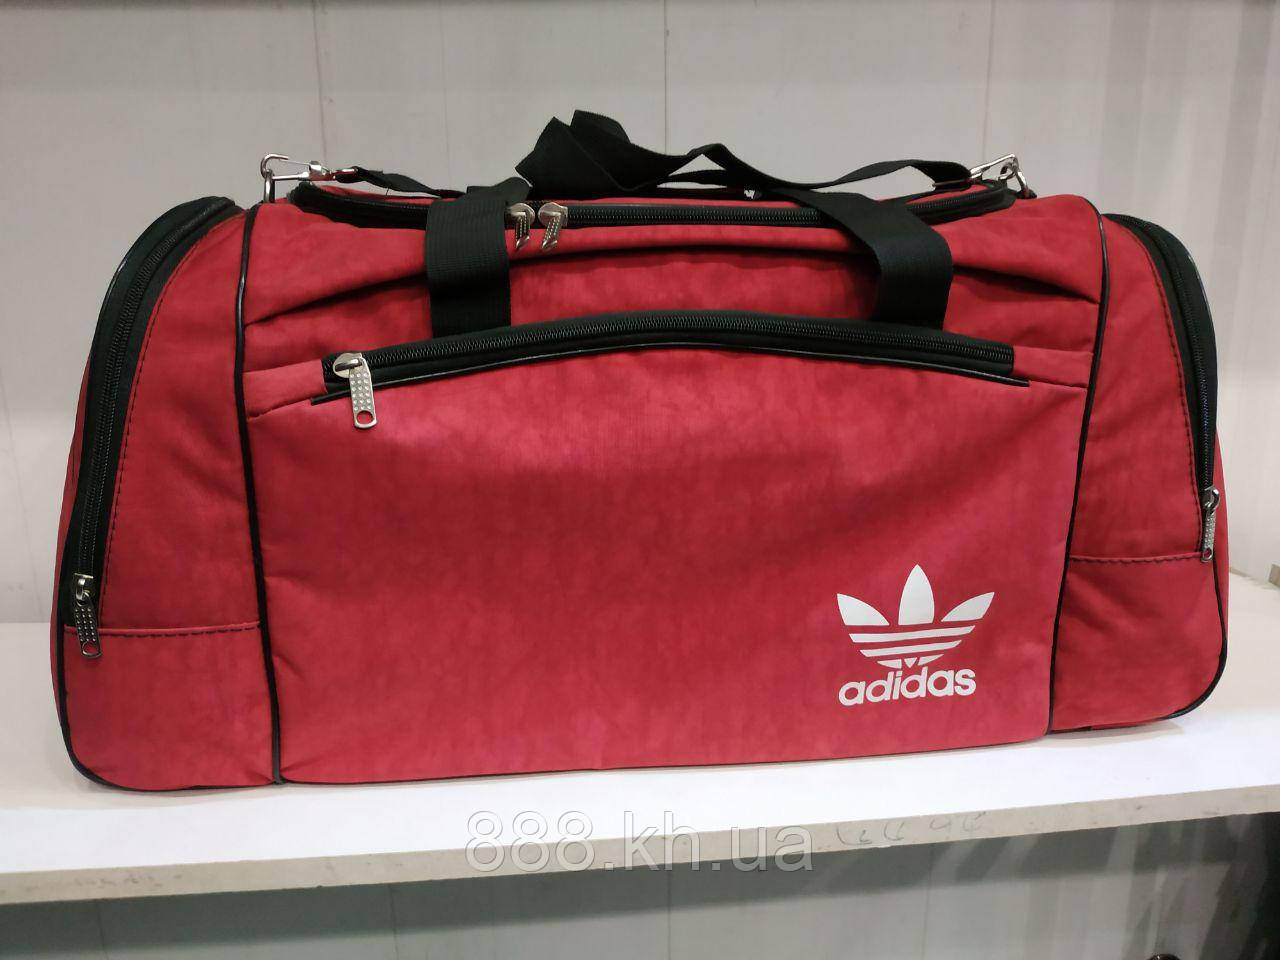 Дорожная универсальная сумка Adidas, сумка для поездок, дорожная сумка (красный)